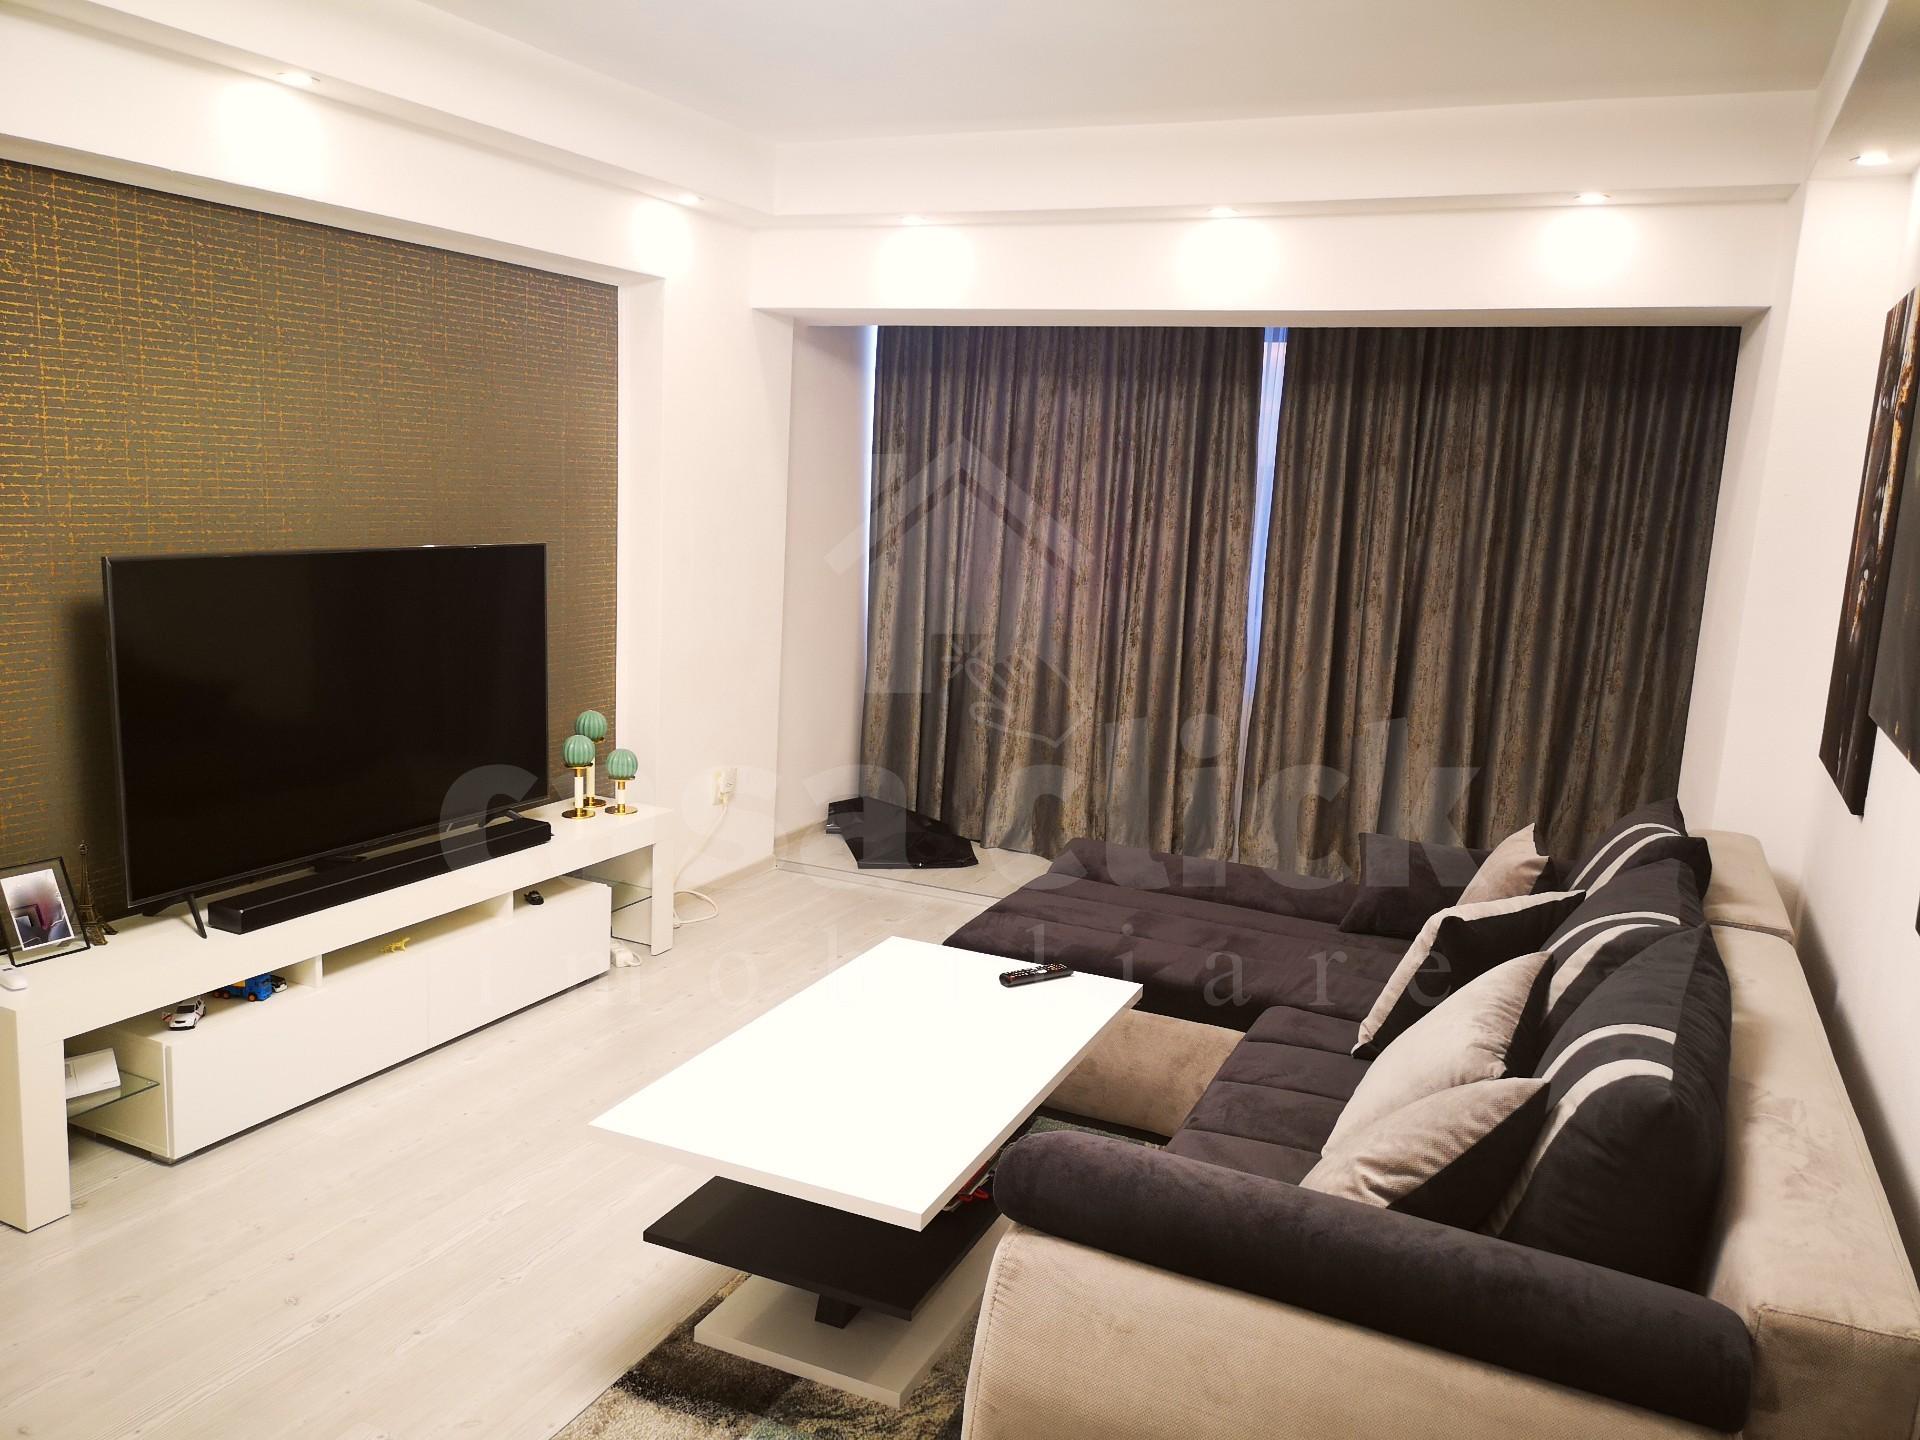 Apartament modern 2 camere, Micro 18, recent renovat si mobilat